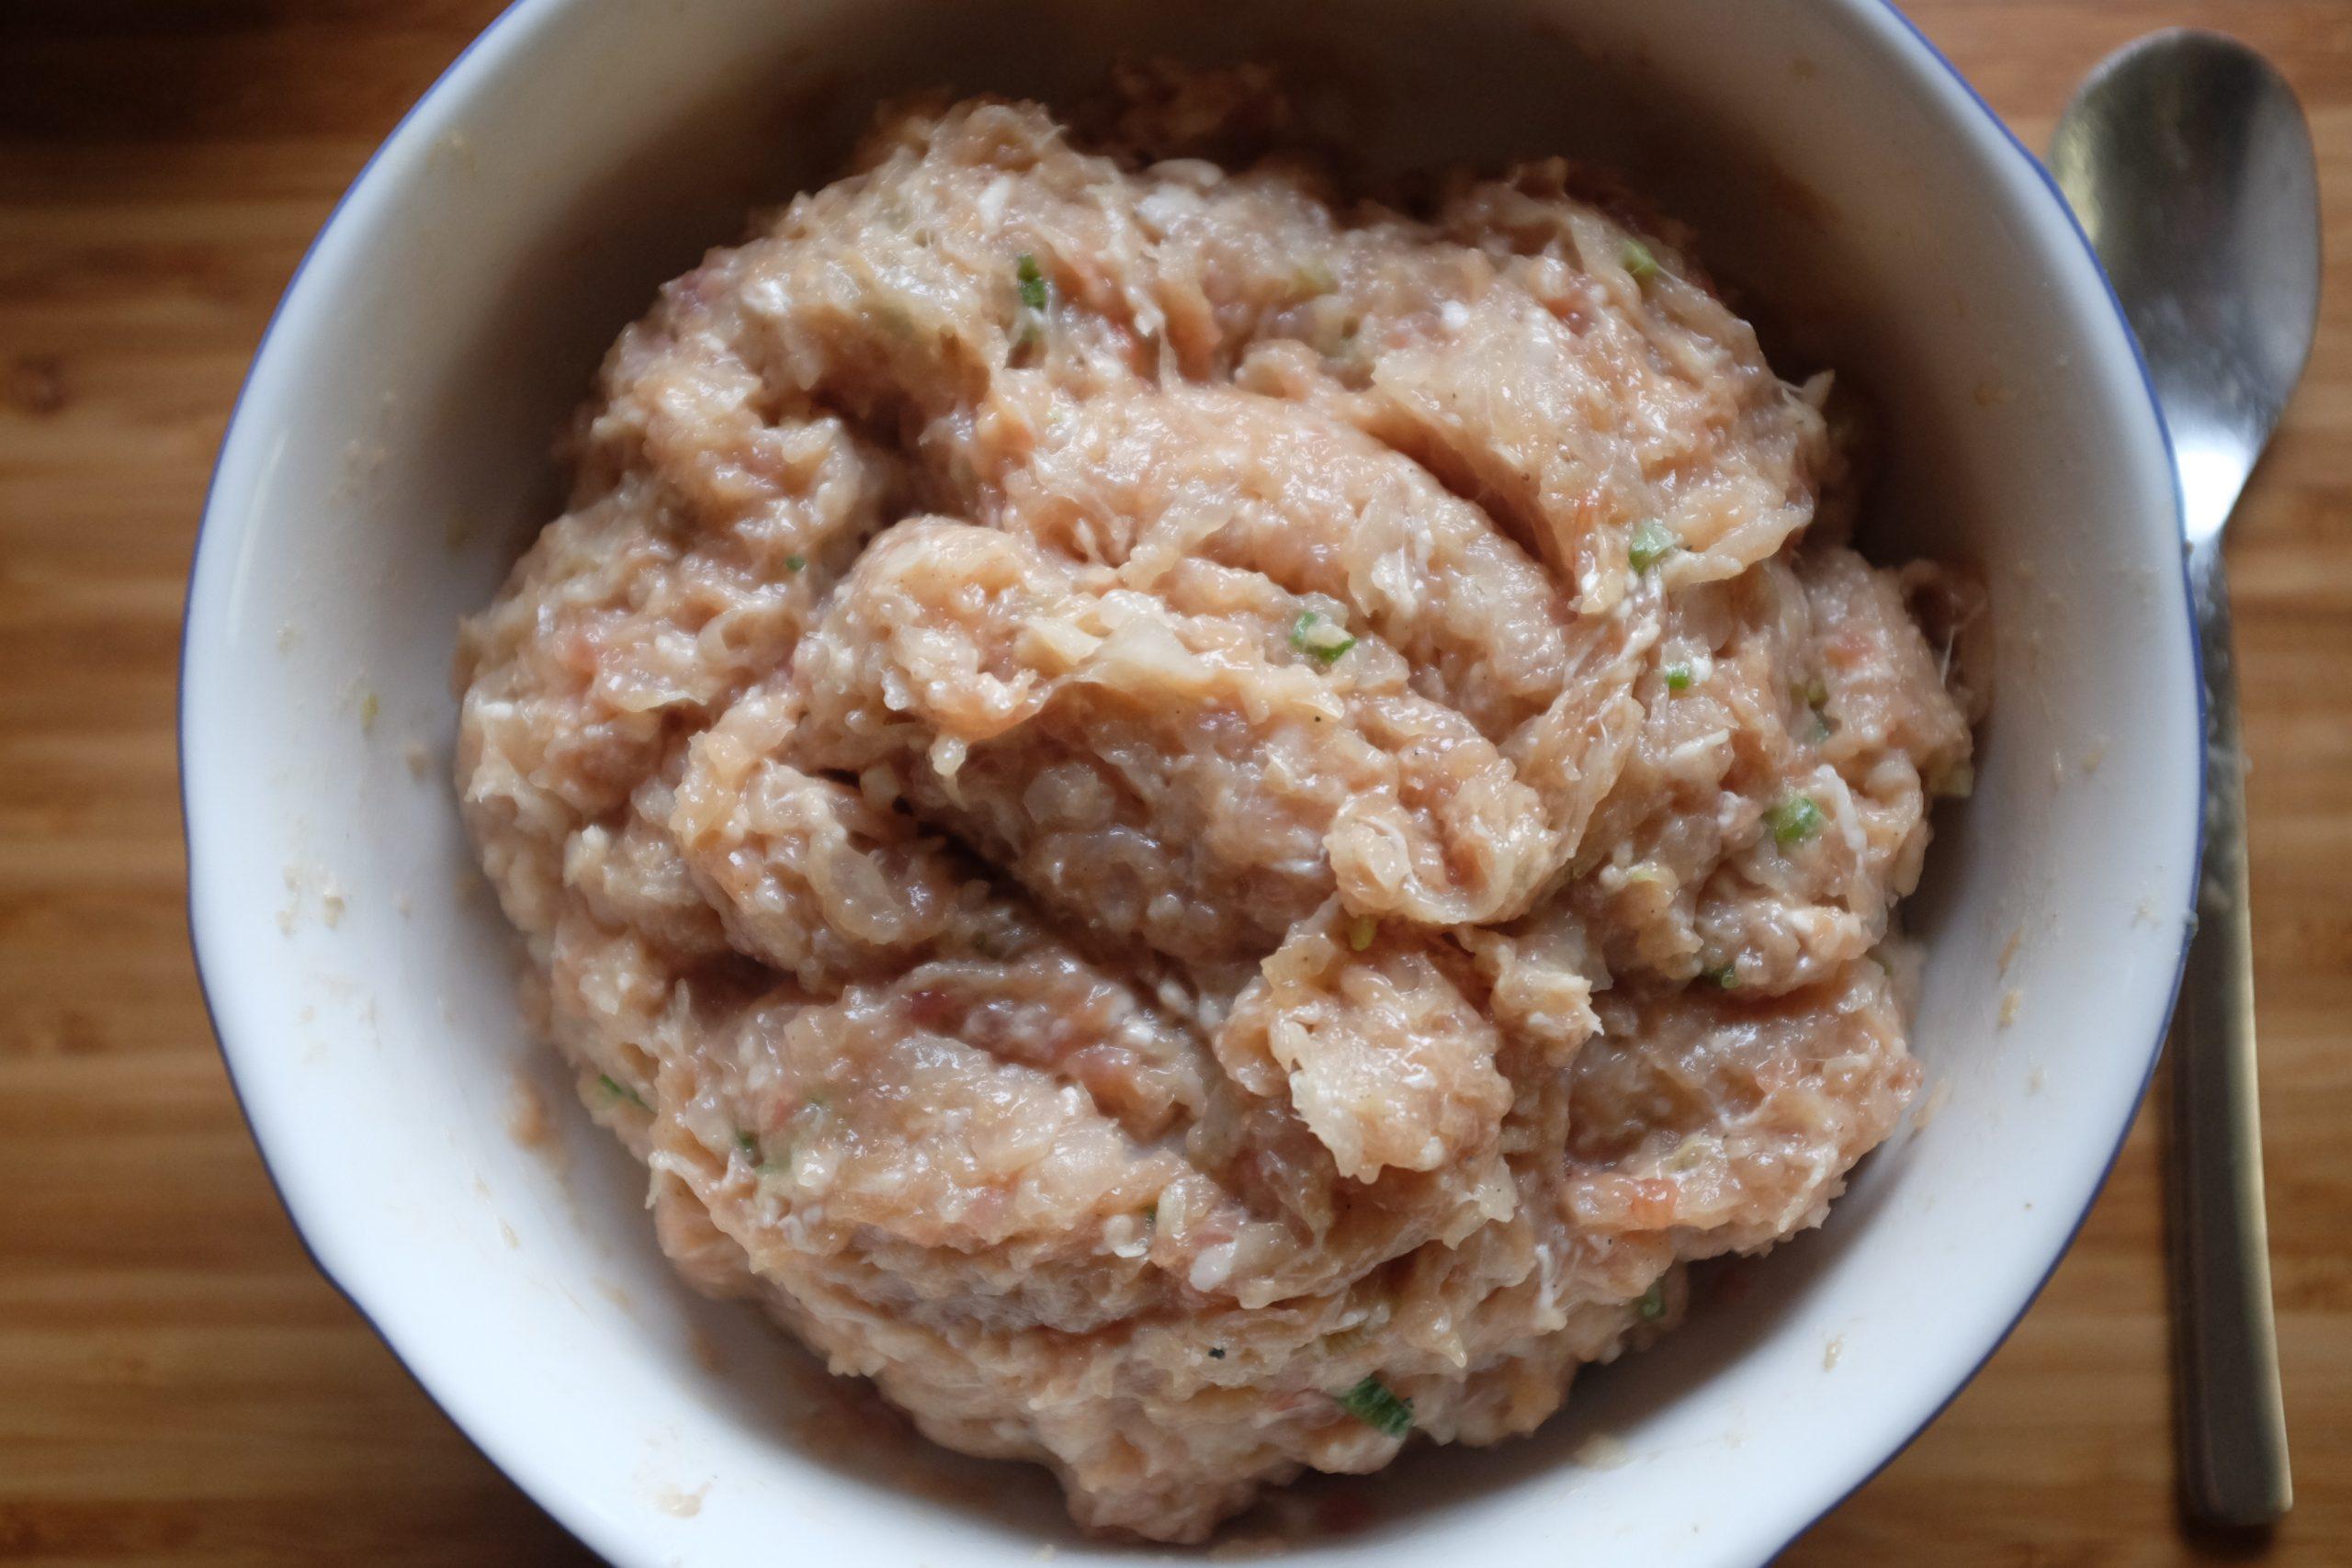 Aggiungi il daikon alla carne. Mescola bene fino ad ottenere un ripieno compatto.